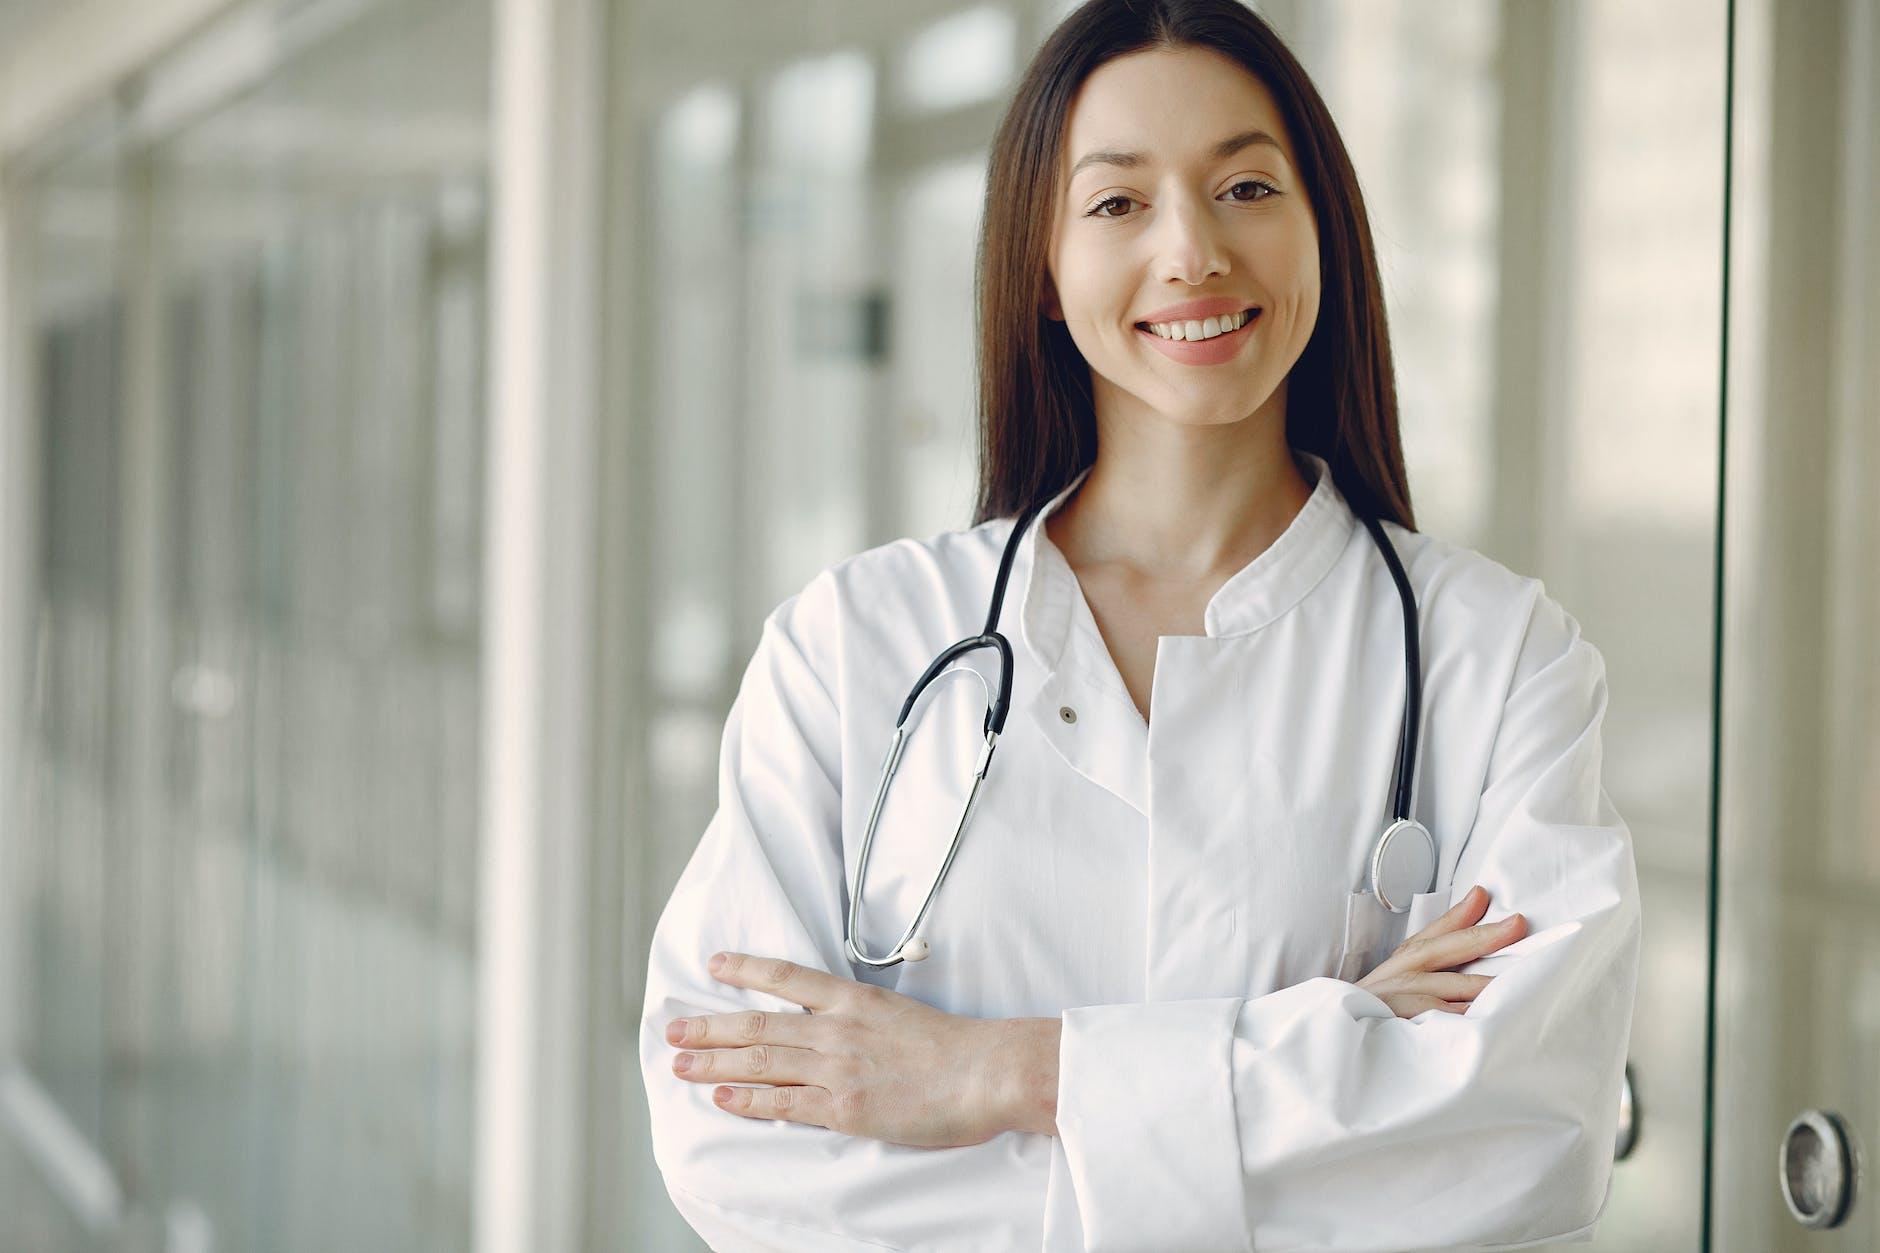 Jadwal Dokter di Rumah Sakit Rachmi Dewi GKB Gresik